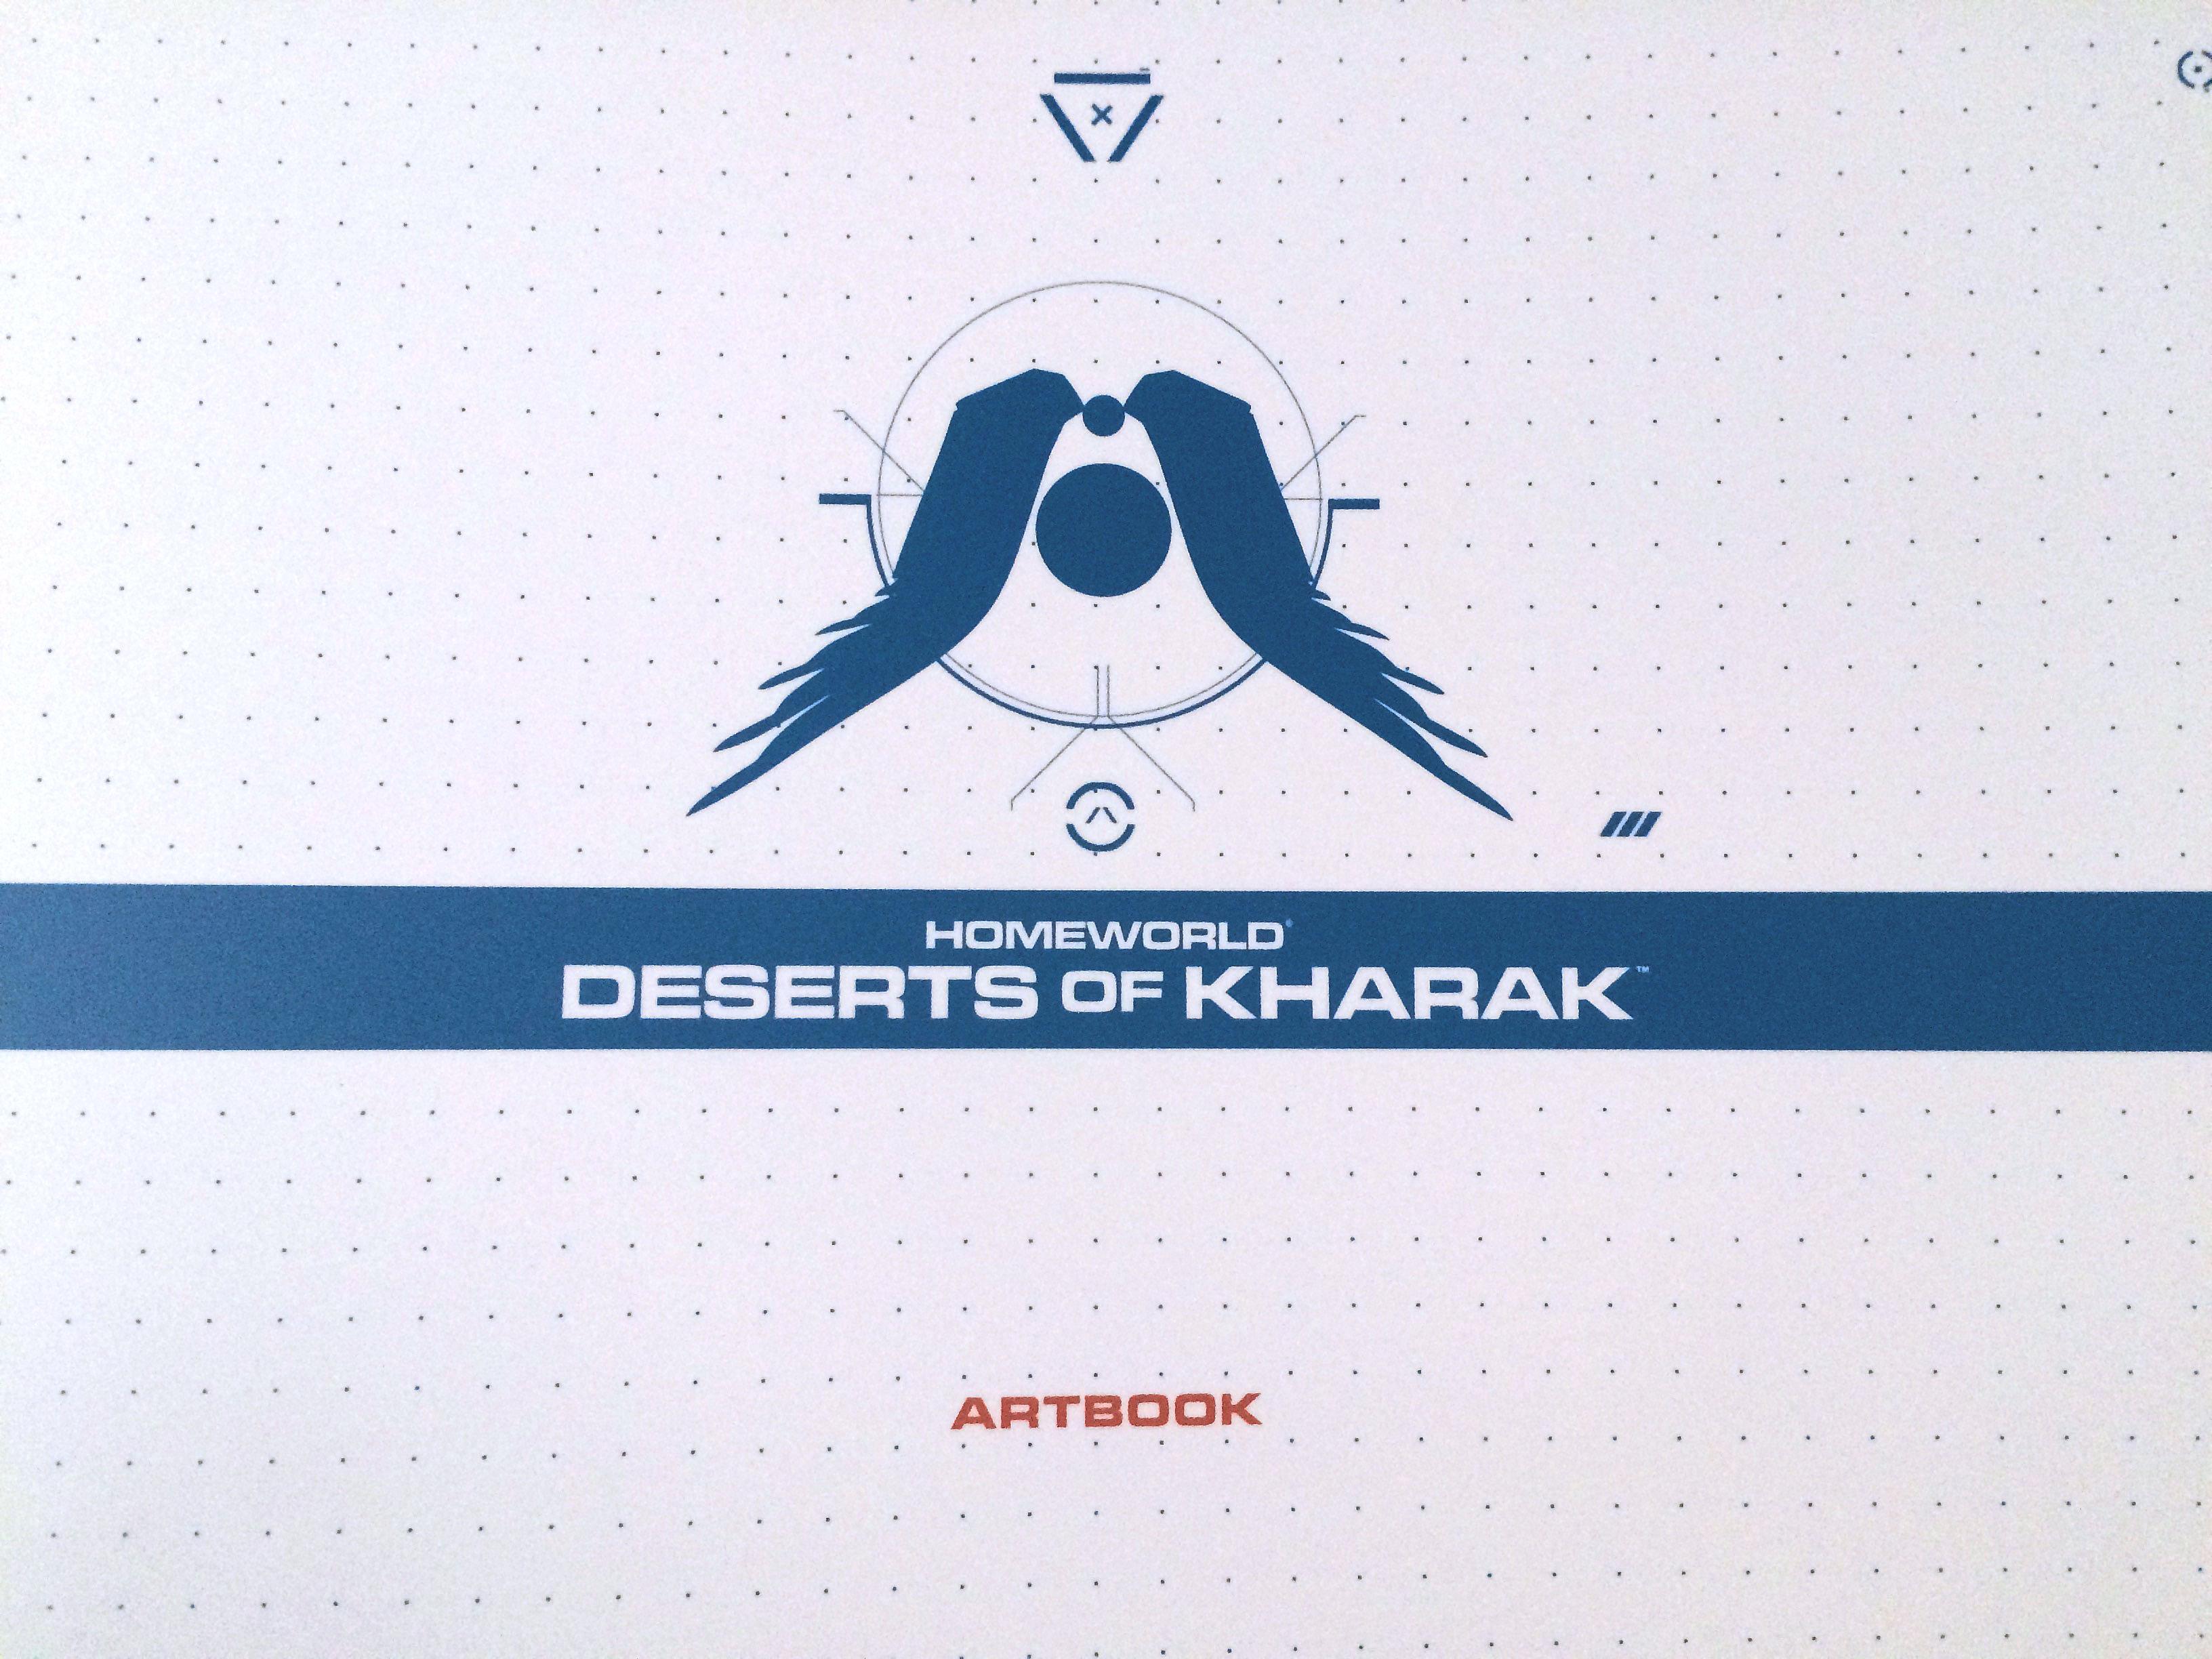 Homeworld Deserts of Kharak Collector's Edition Art Book